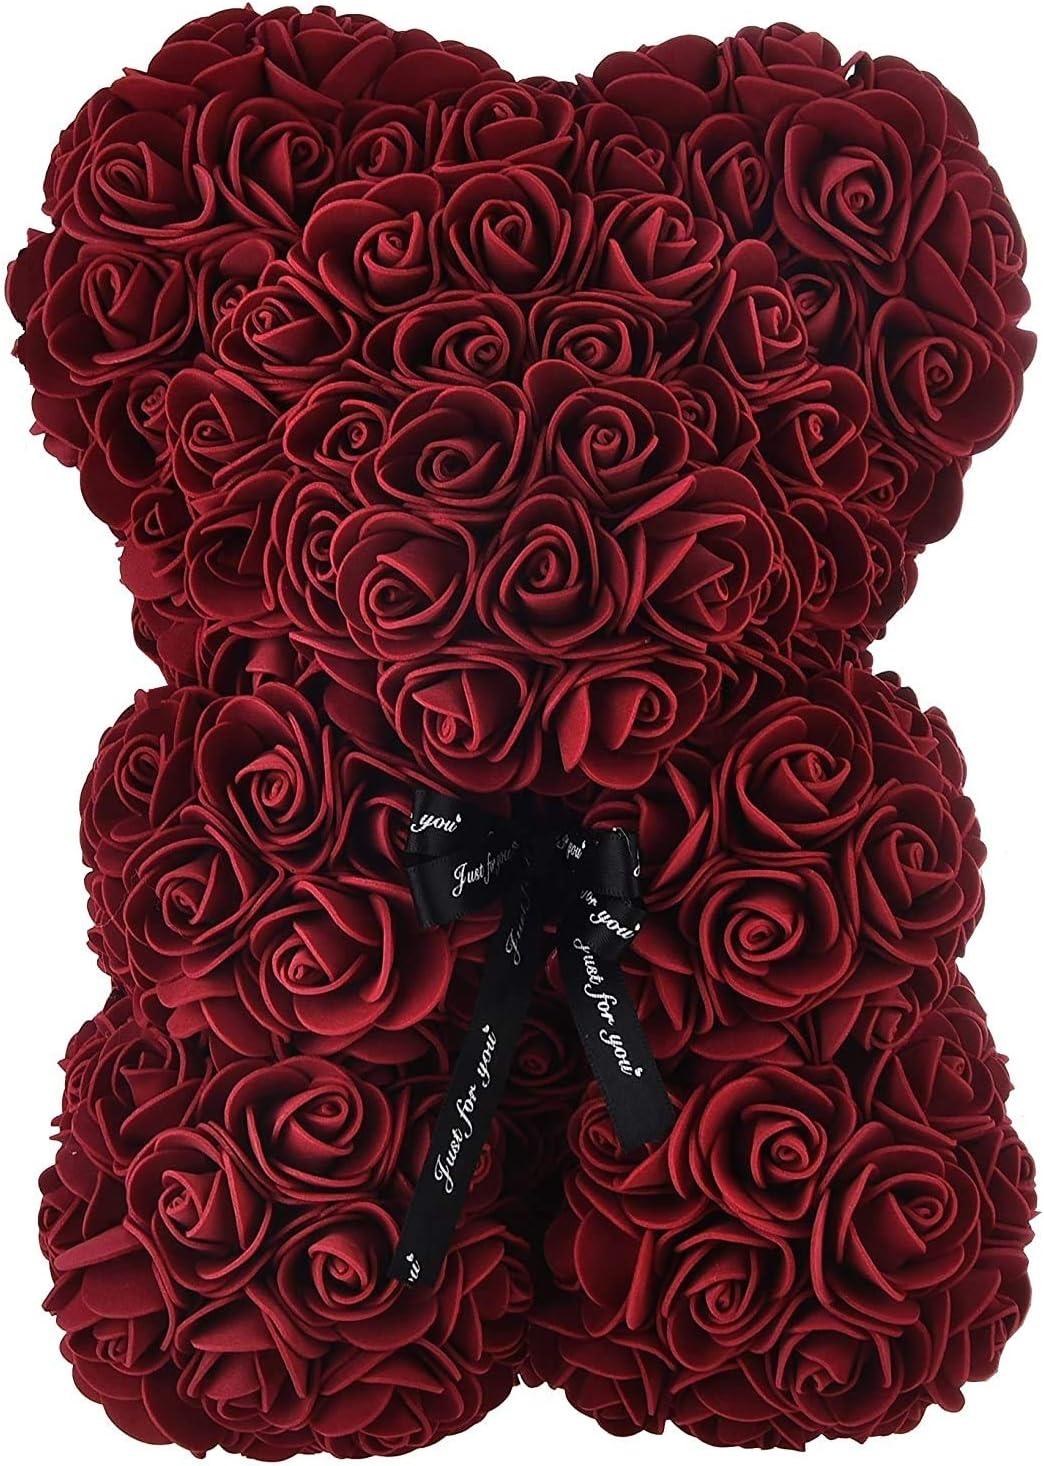 Geschenk zum Jahrestag Geburtstag Muttertag Hochzeitstag Teddyb/är aus ewigen Rosen Perfekt zum VALENTIENSTAG FlyHigh Weinroter Rosenb/är mit S/ü/ßer Schleife